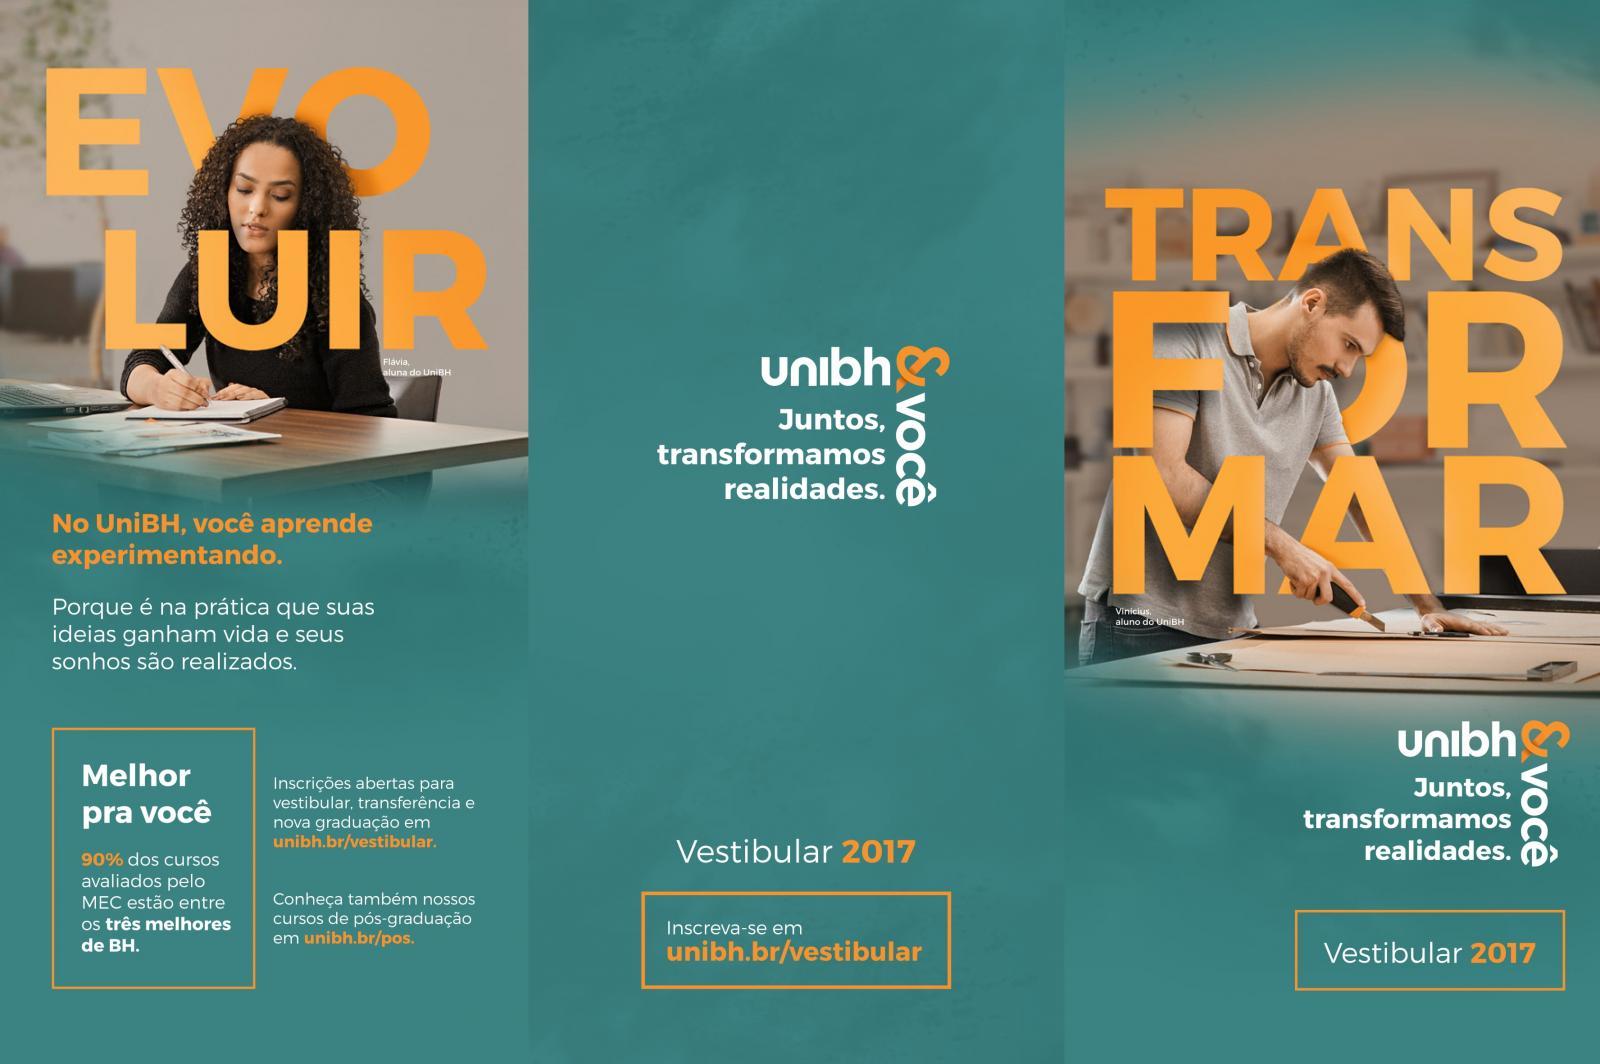 UNIBH_graduacao_cursos-2.jpg